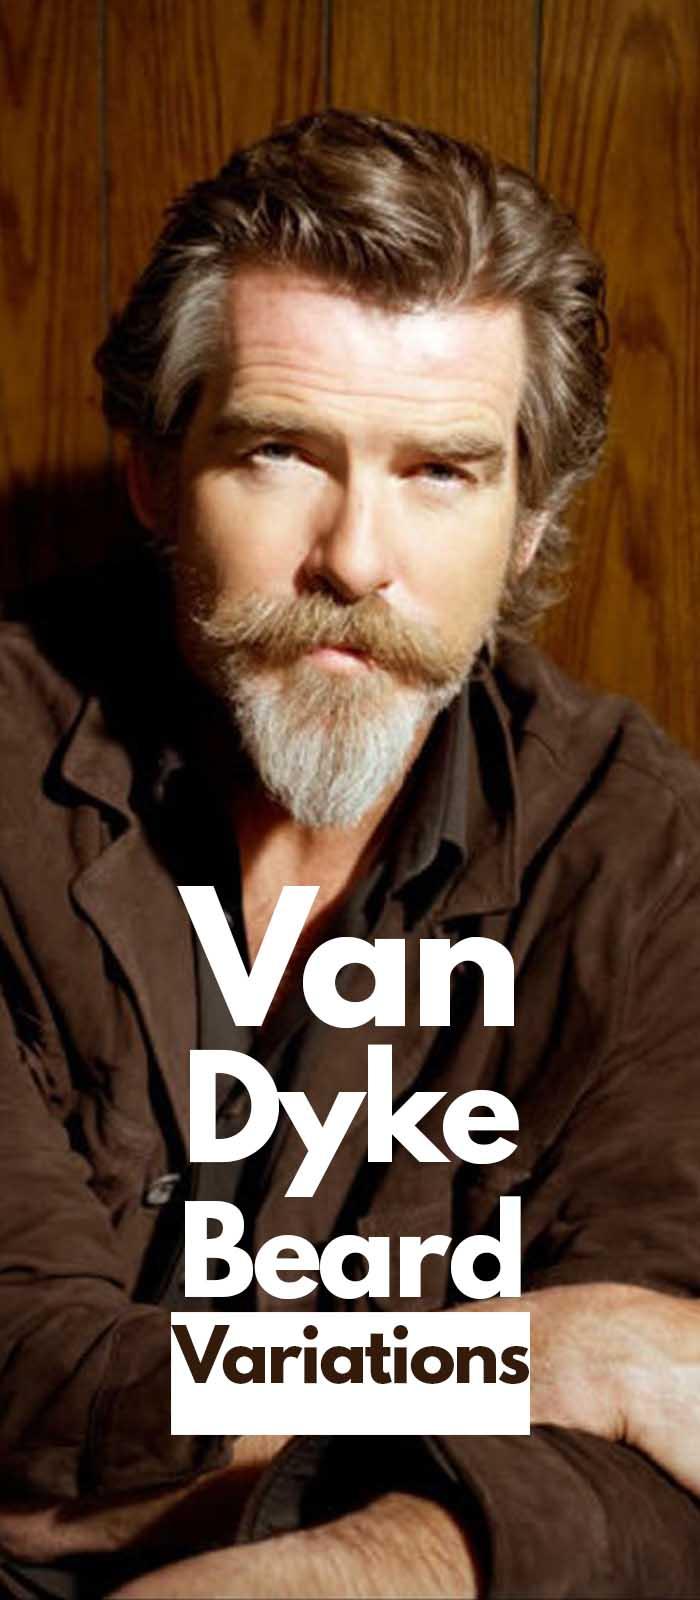 Van Dyke Beard Variations